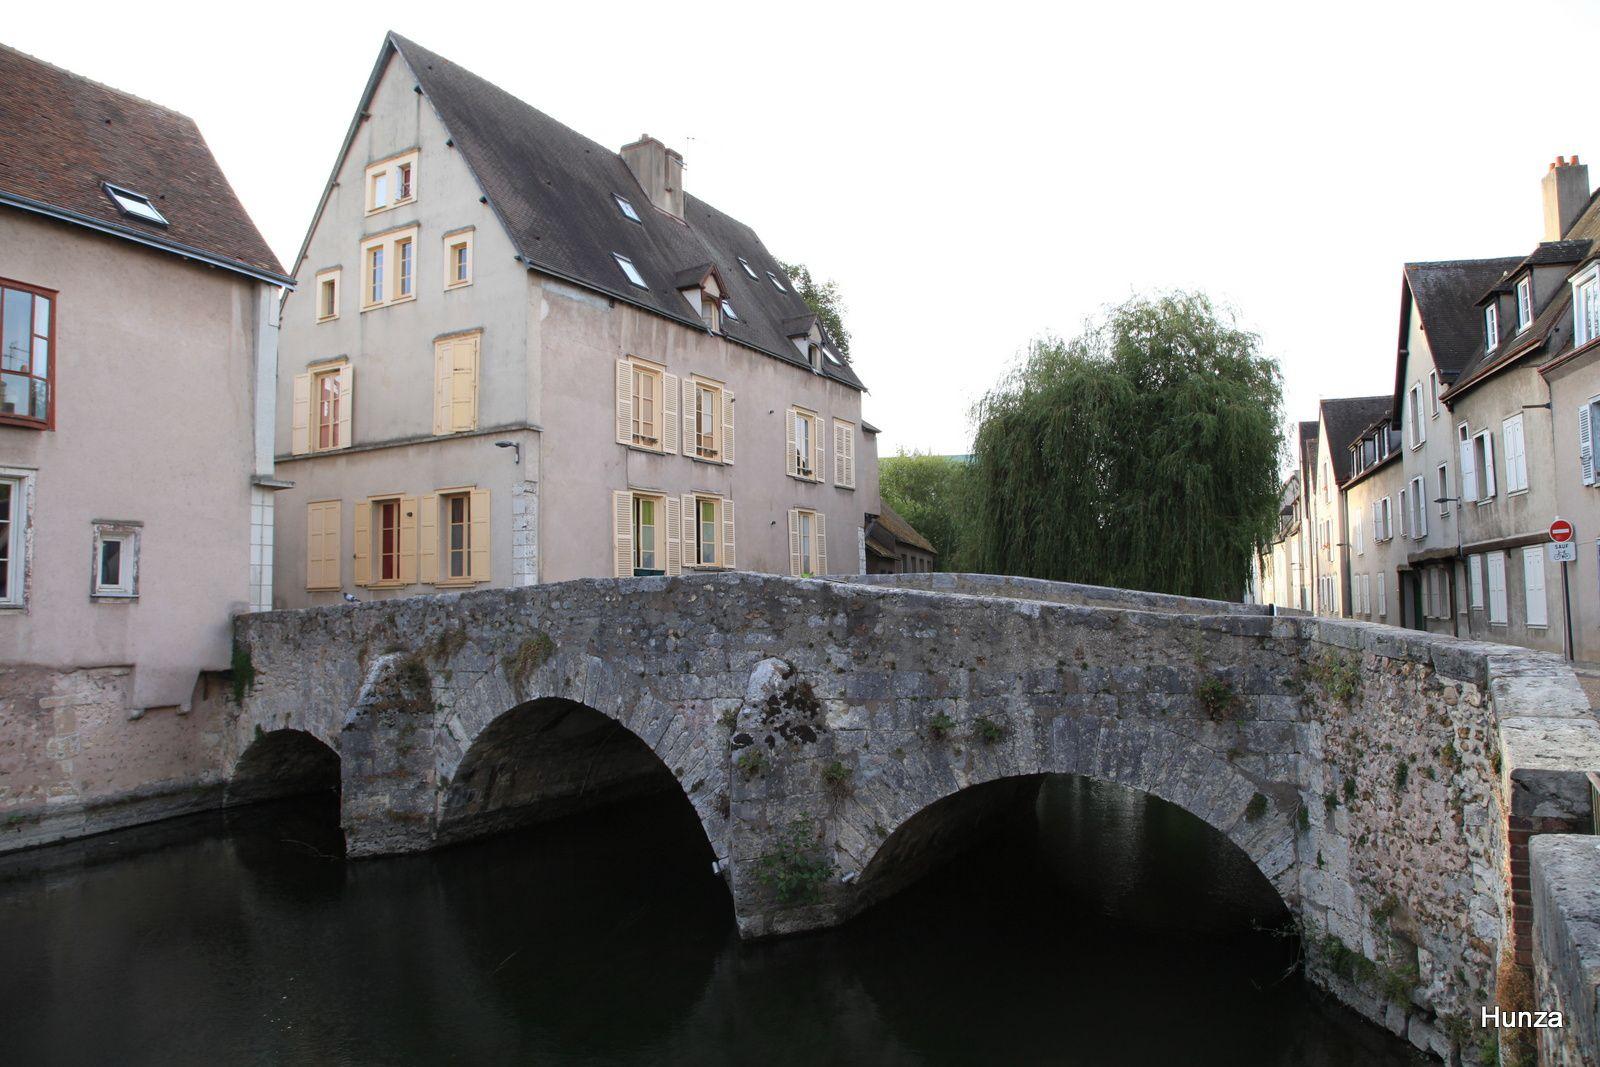 Le pont Bouju